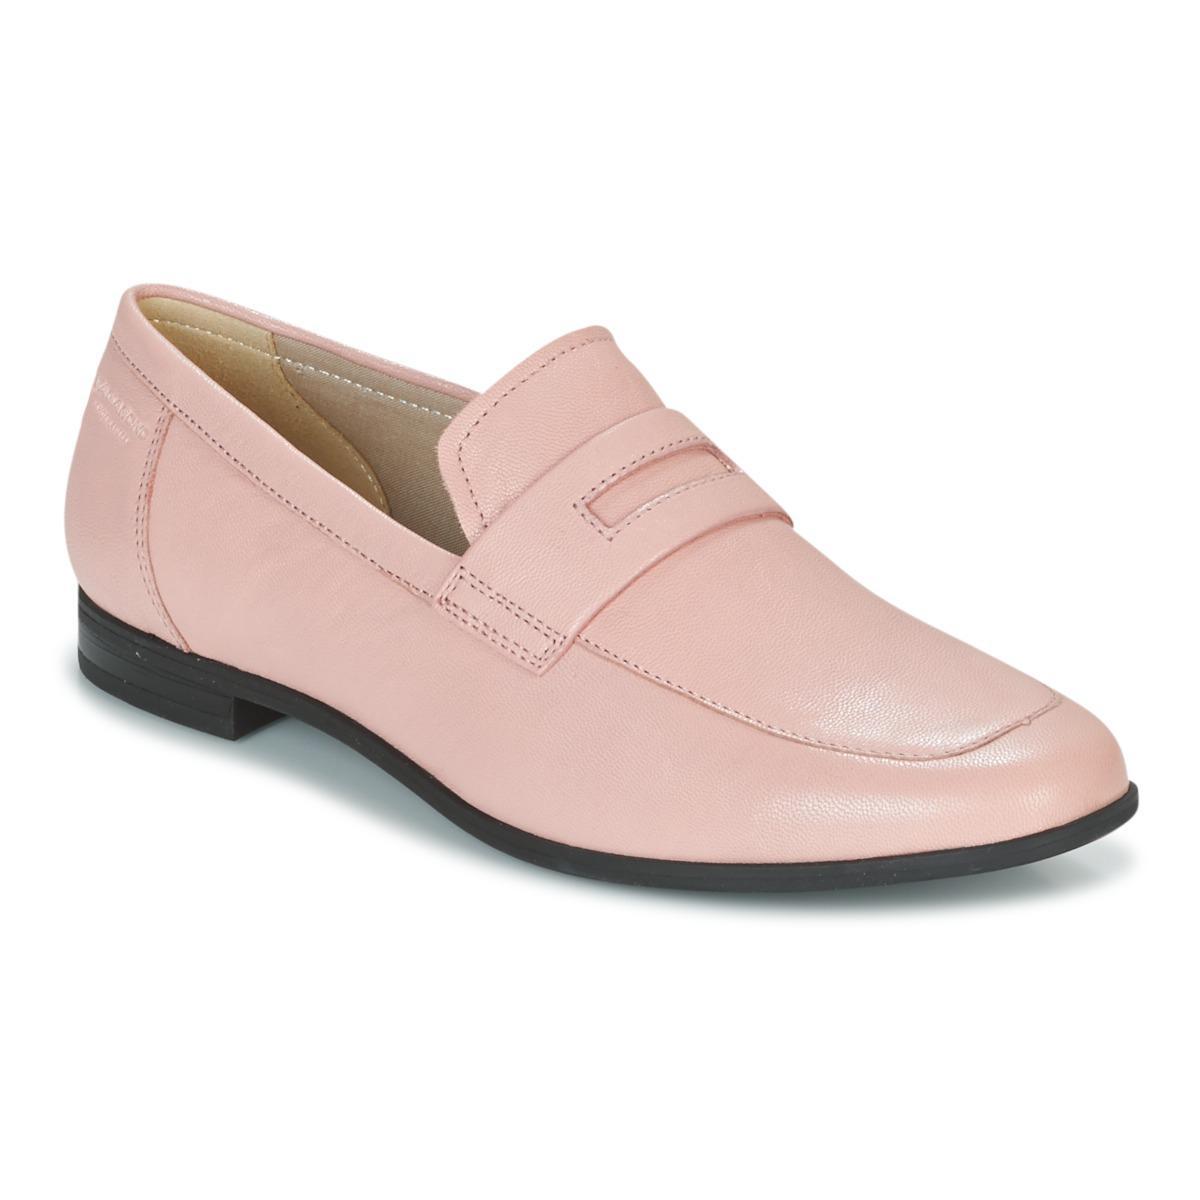 Vagabond Women's Marilyn Suede Slip On Flat Loafer Pink vUPwB